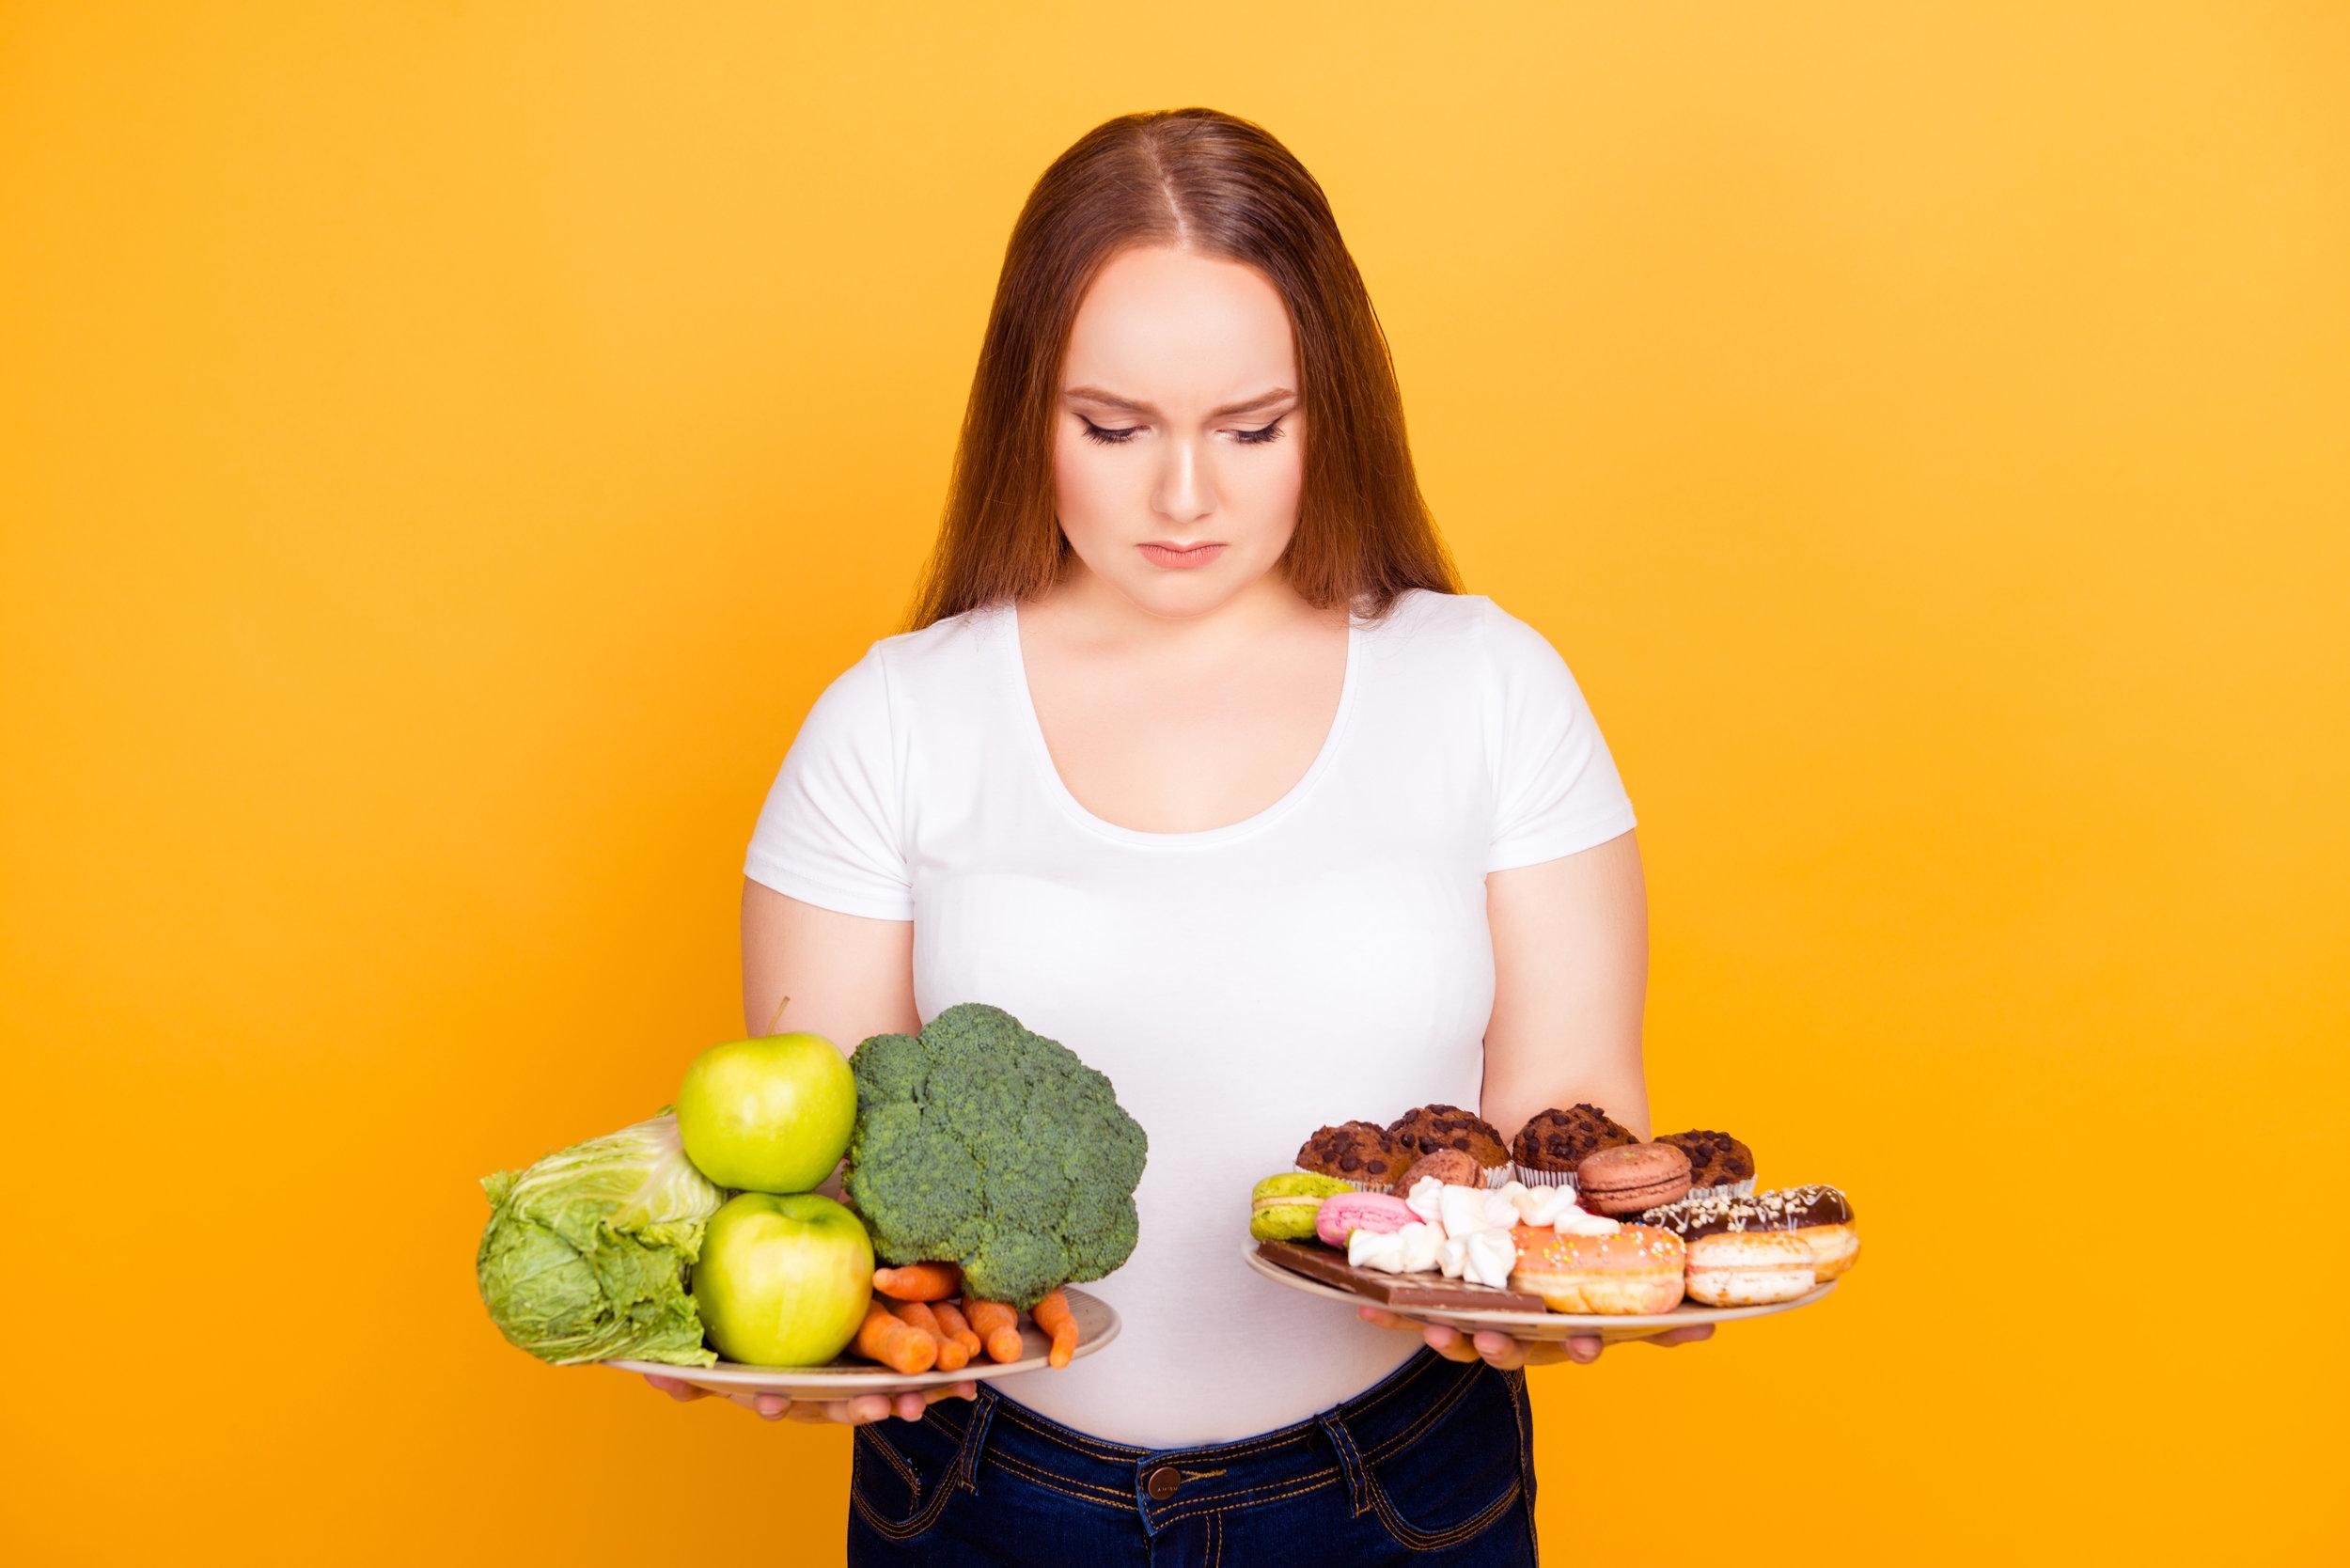 Diabetes Symptoms in Women for Prediabetes